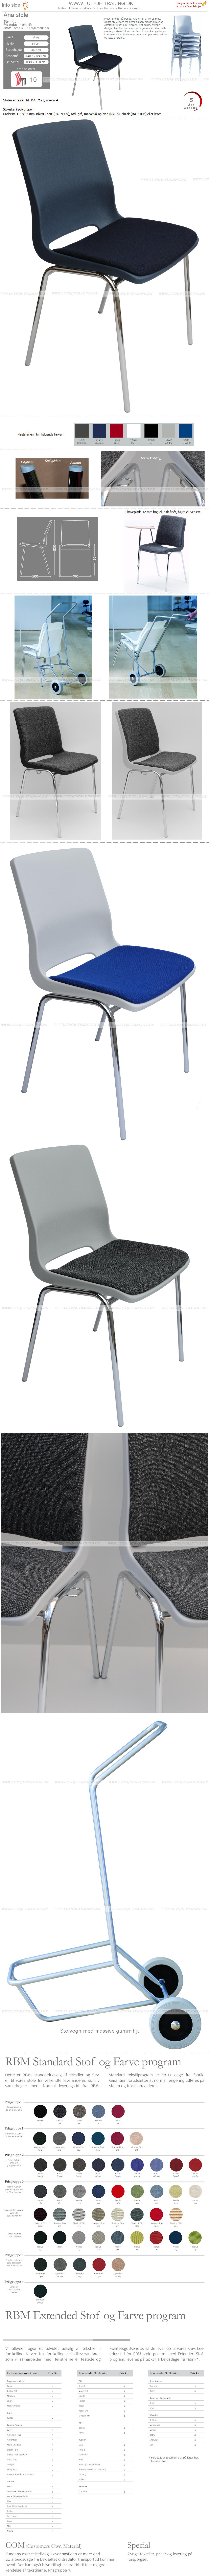 Stabelstole Ana med krom stel, mørkeblå plastskal og Fame stof nr. 60061 på sædet